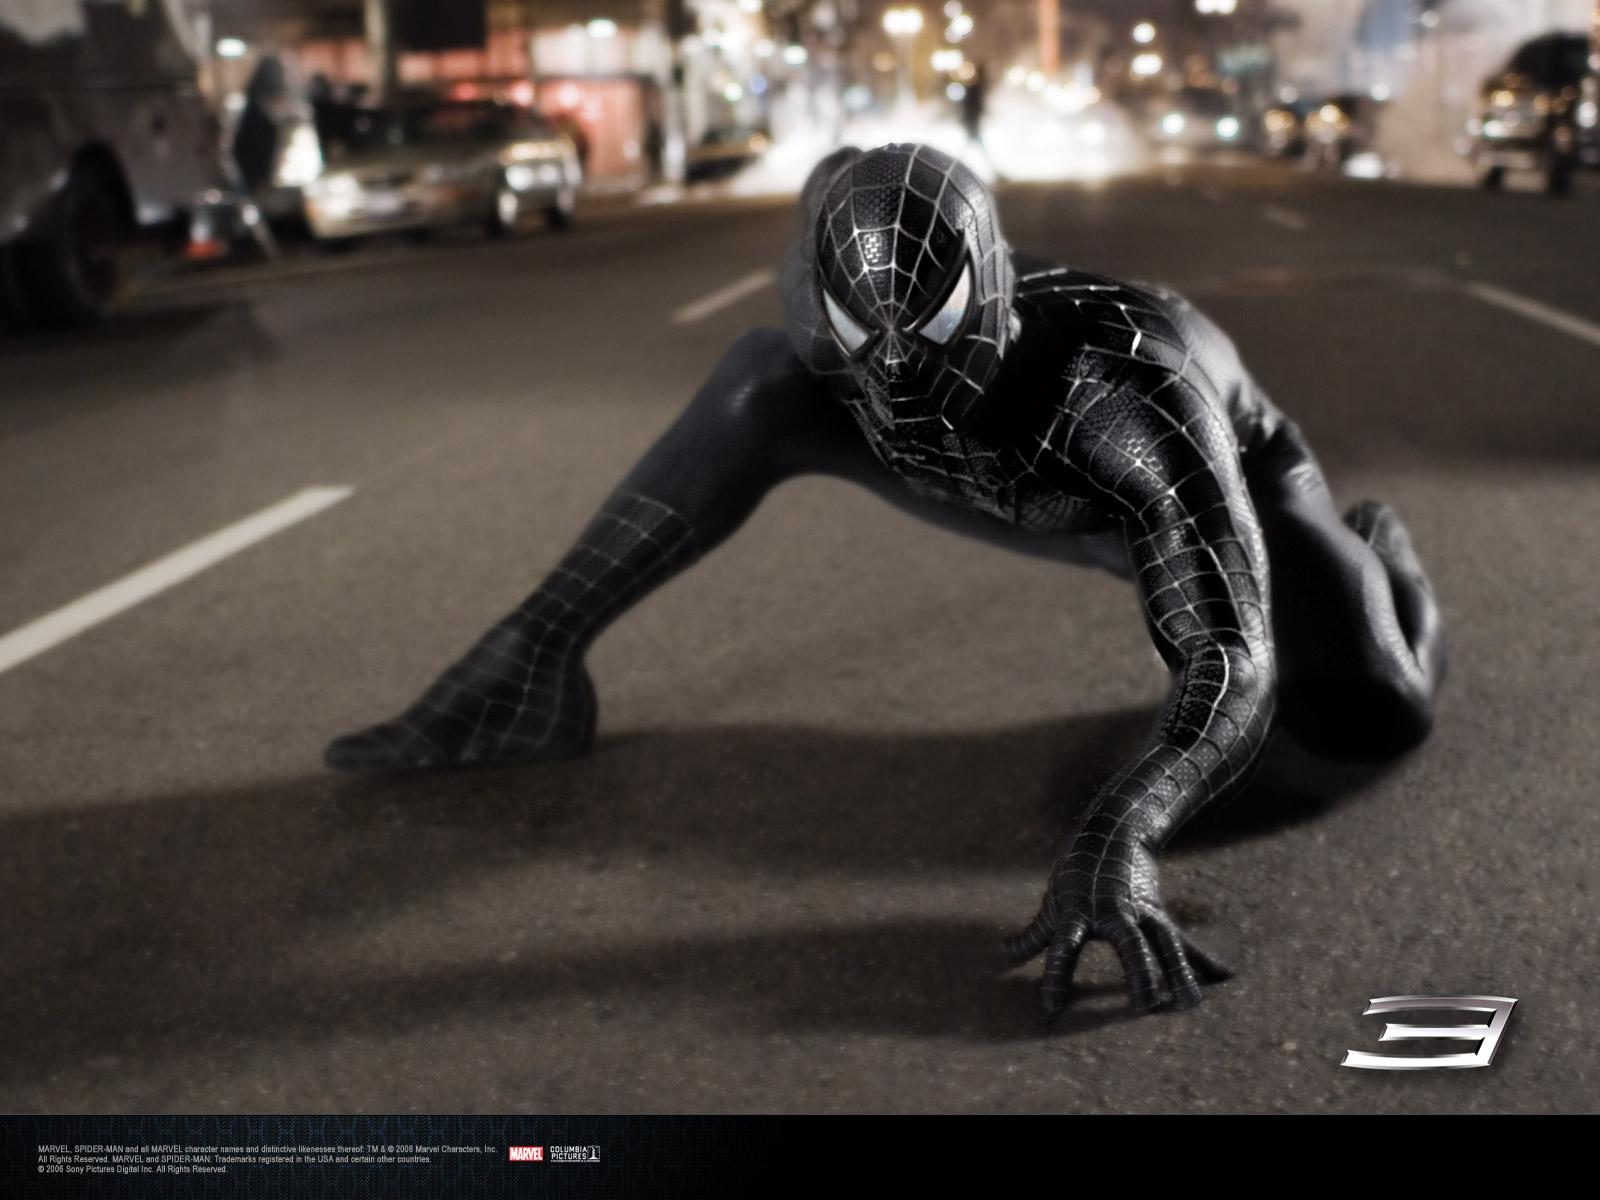 wallpaper spider-man spider-man 3 spiderman hero movies